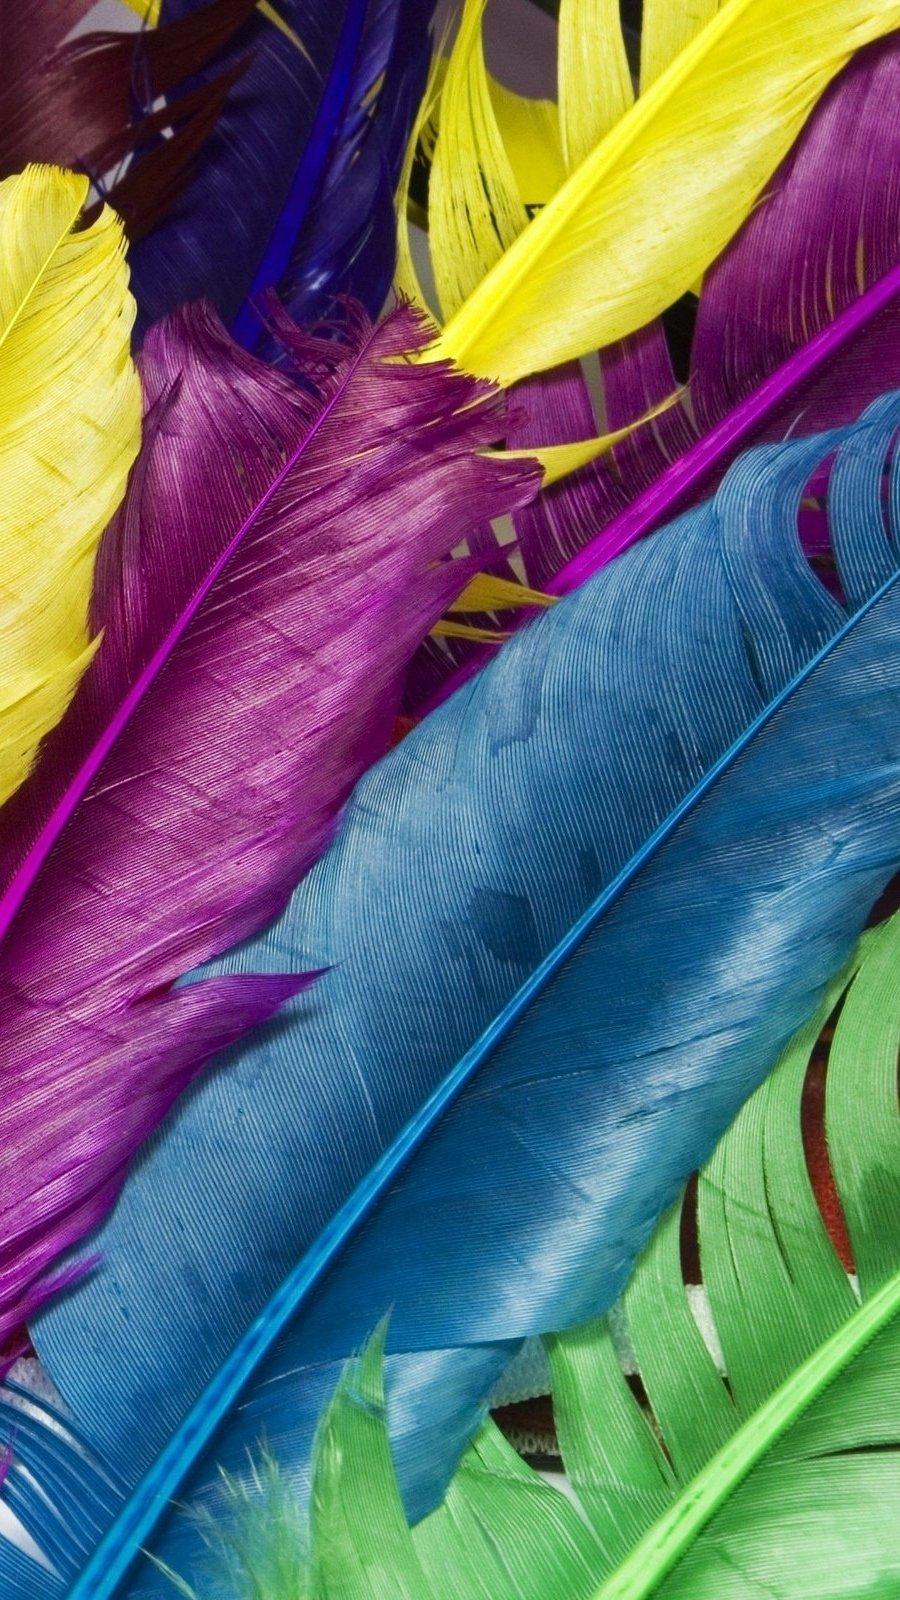 Fondos de pantalla Plumas de colores Vertical